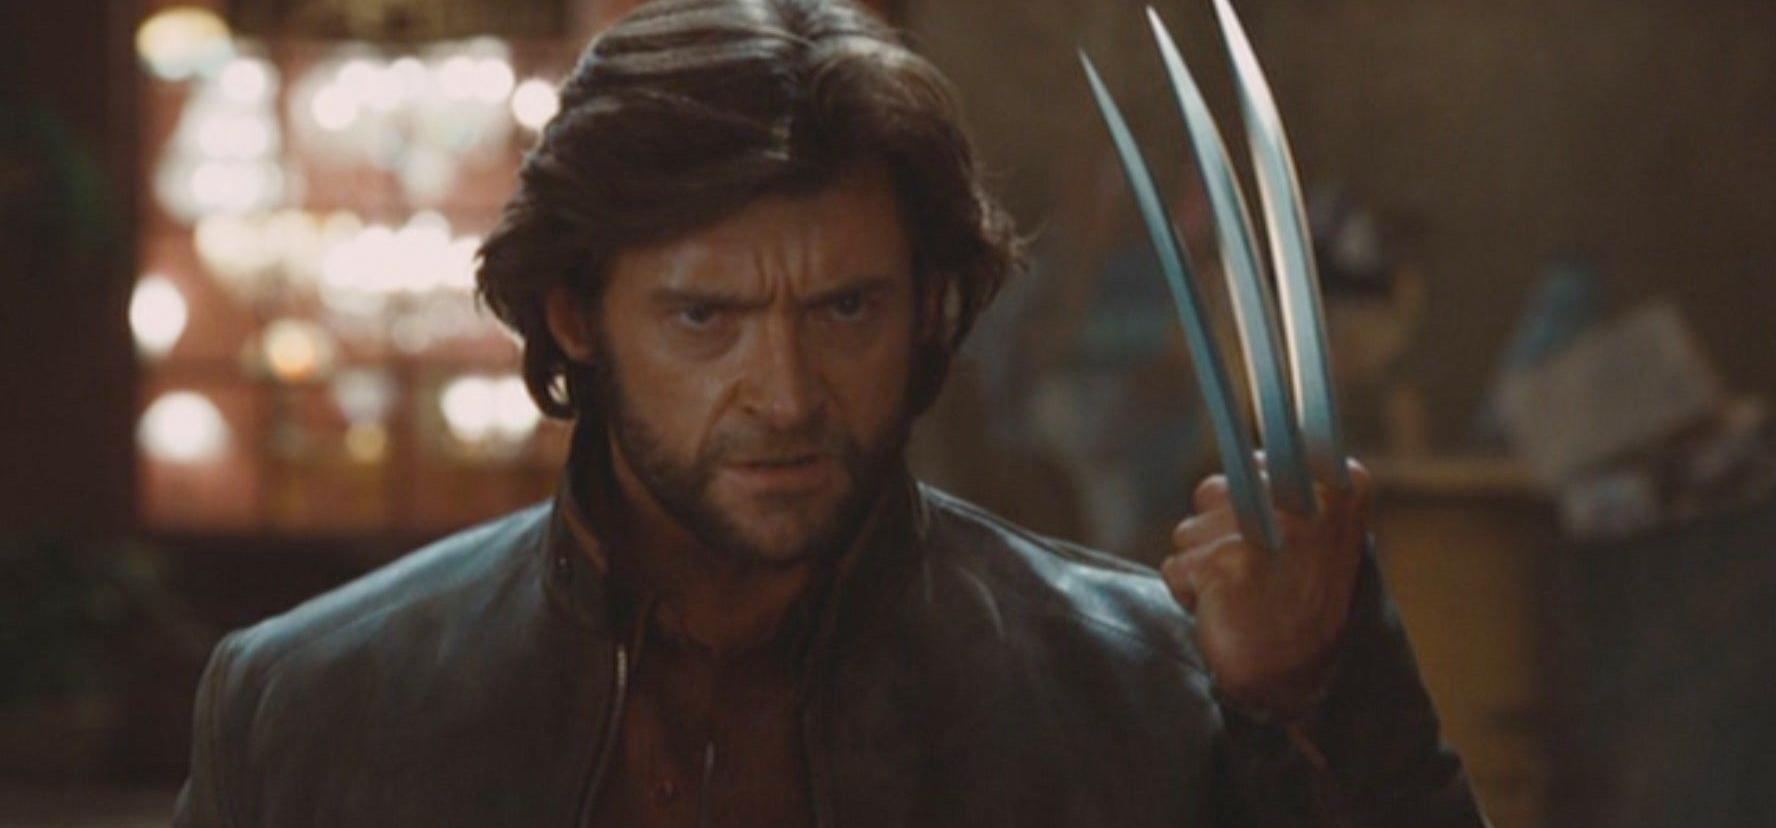 Mutants in wolverine origins movie